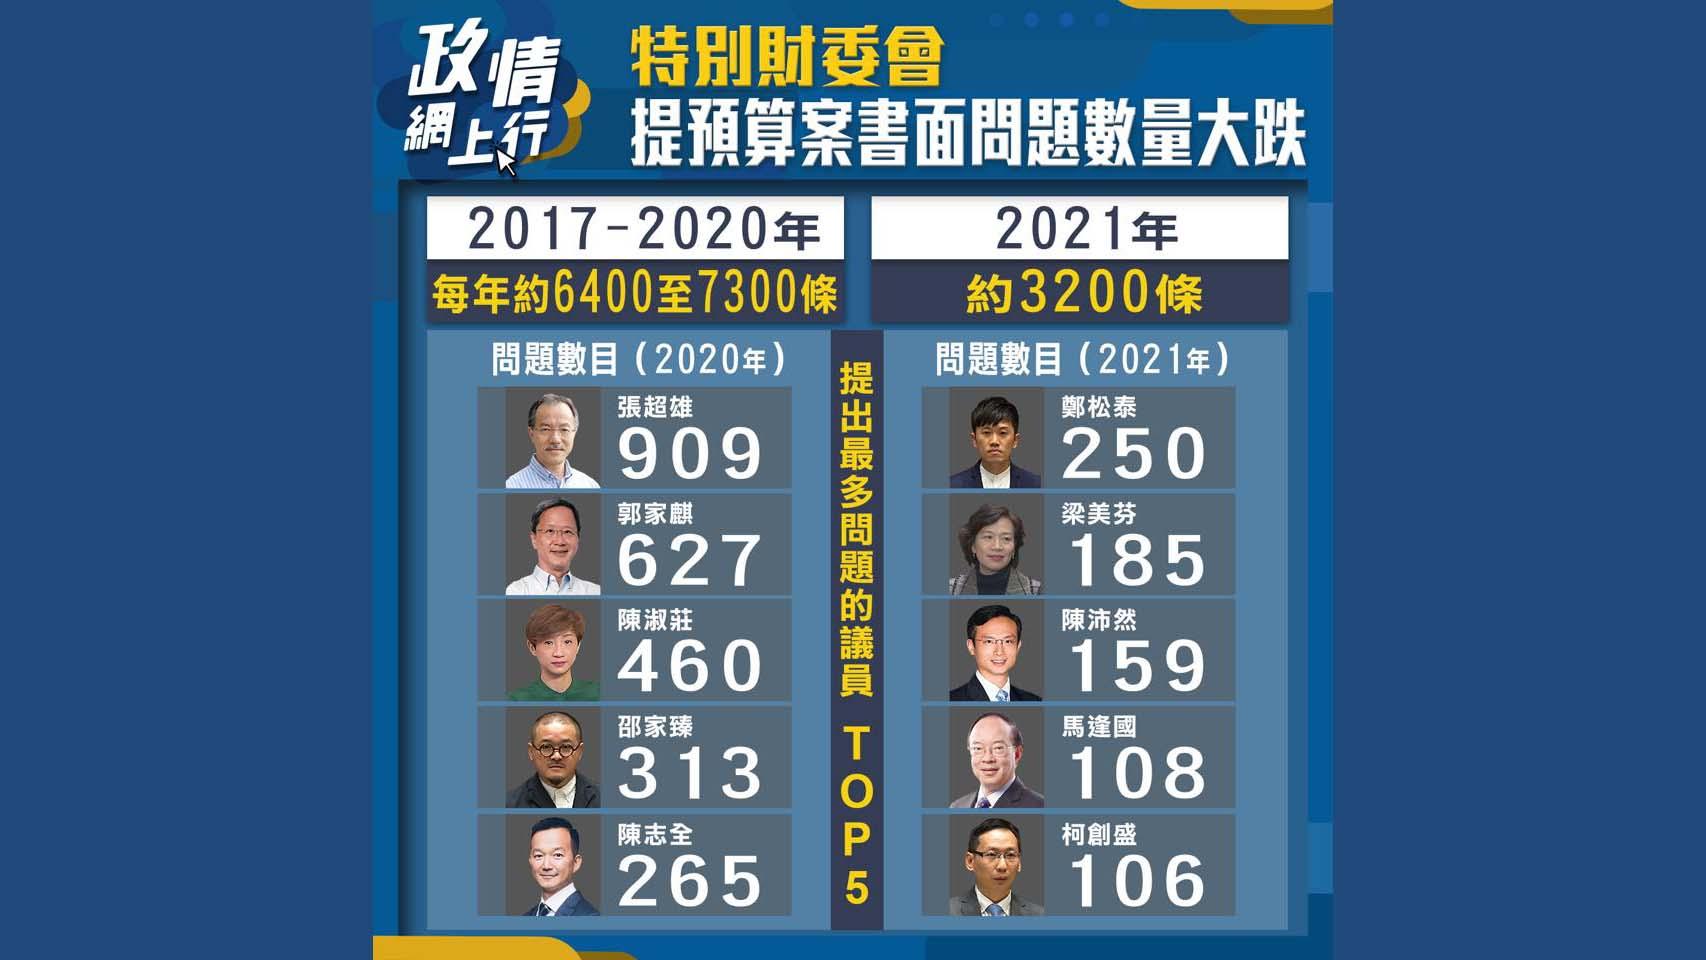 【政情網上行】特別財委會提預算案書面問題數量大跌